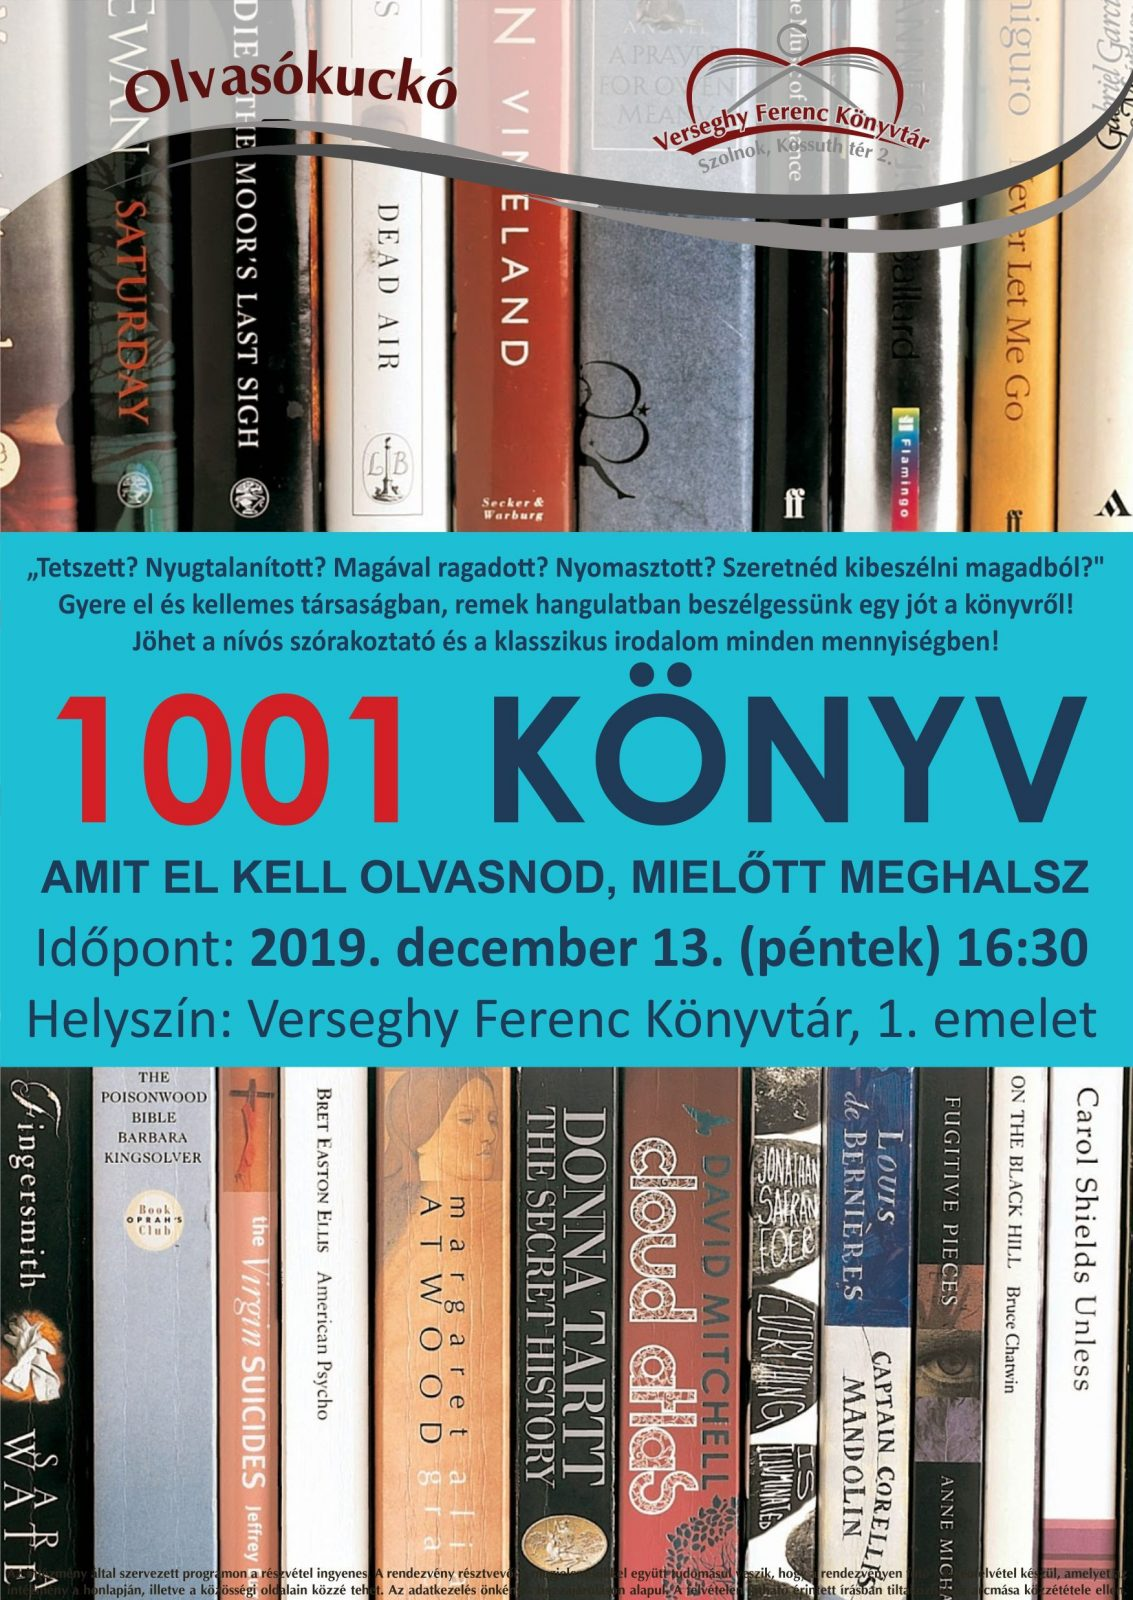 2019.12.13. Olvasókuckó. Plakát